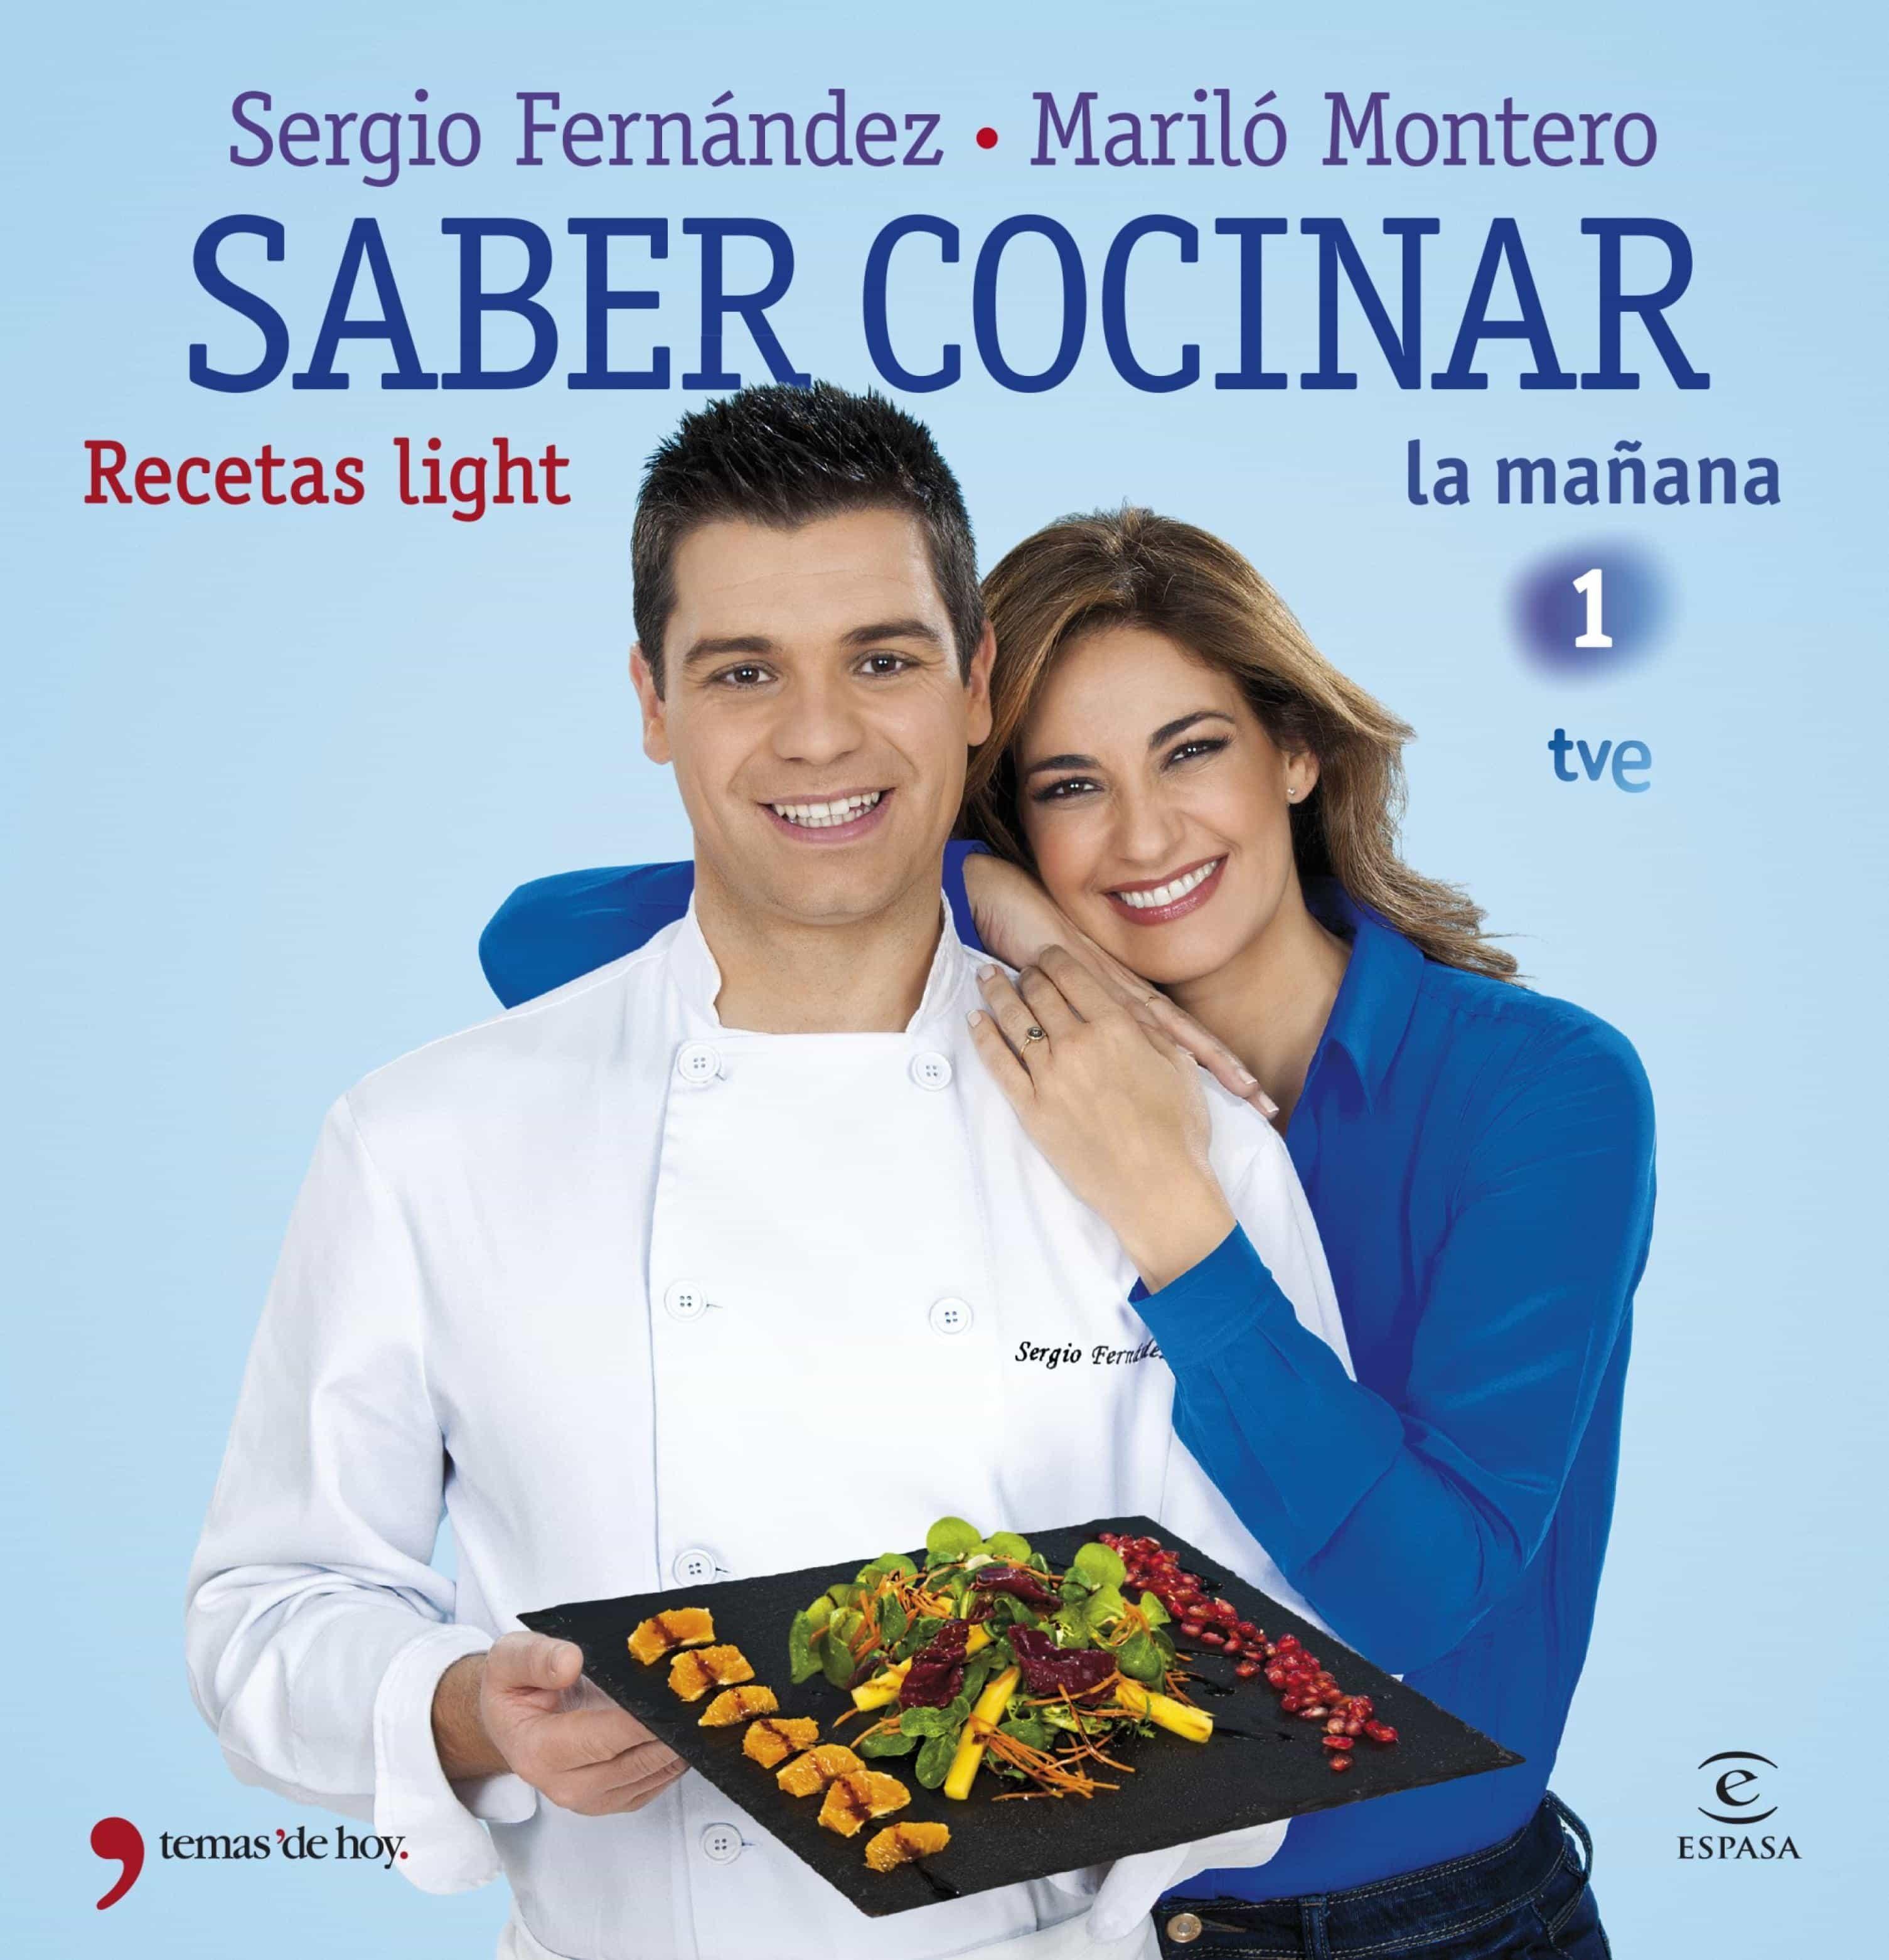 Exceptional Saber Cocinar Recetas Light (ebook) Marilo Montero Sergio  Fernandez 9788499982861